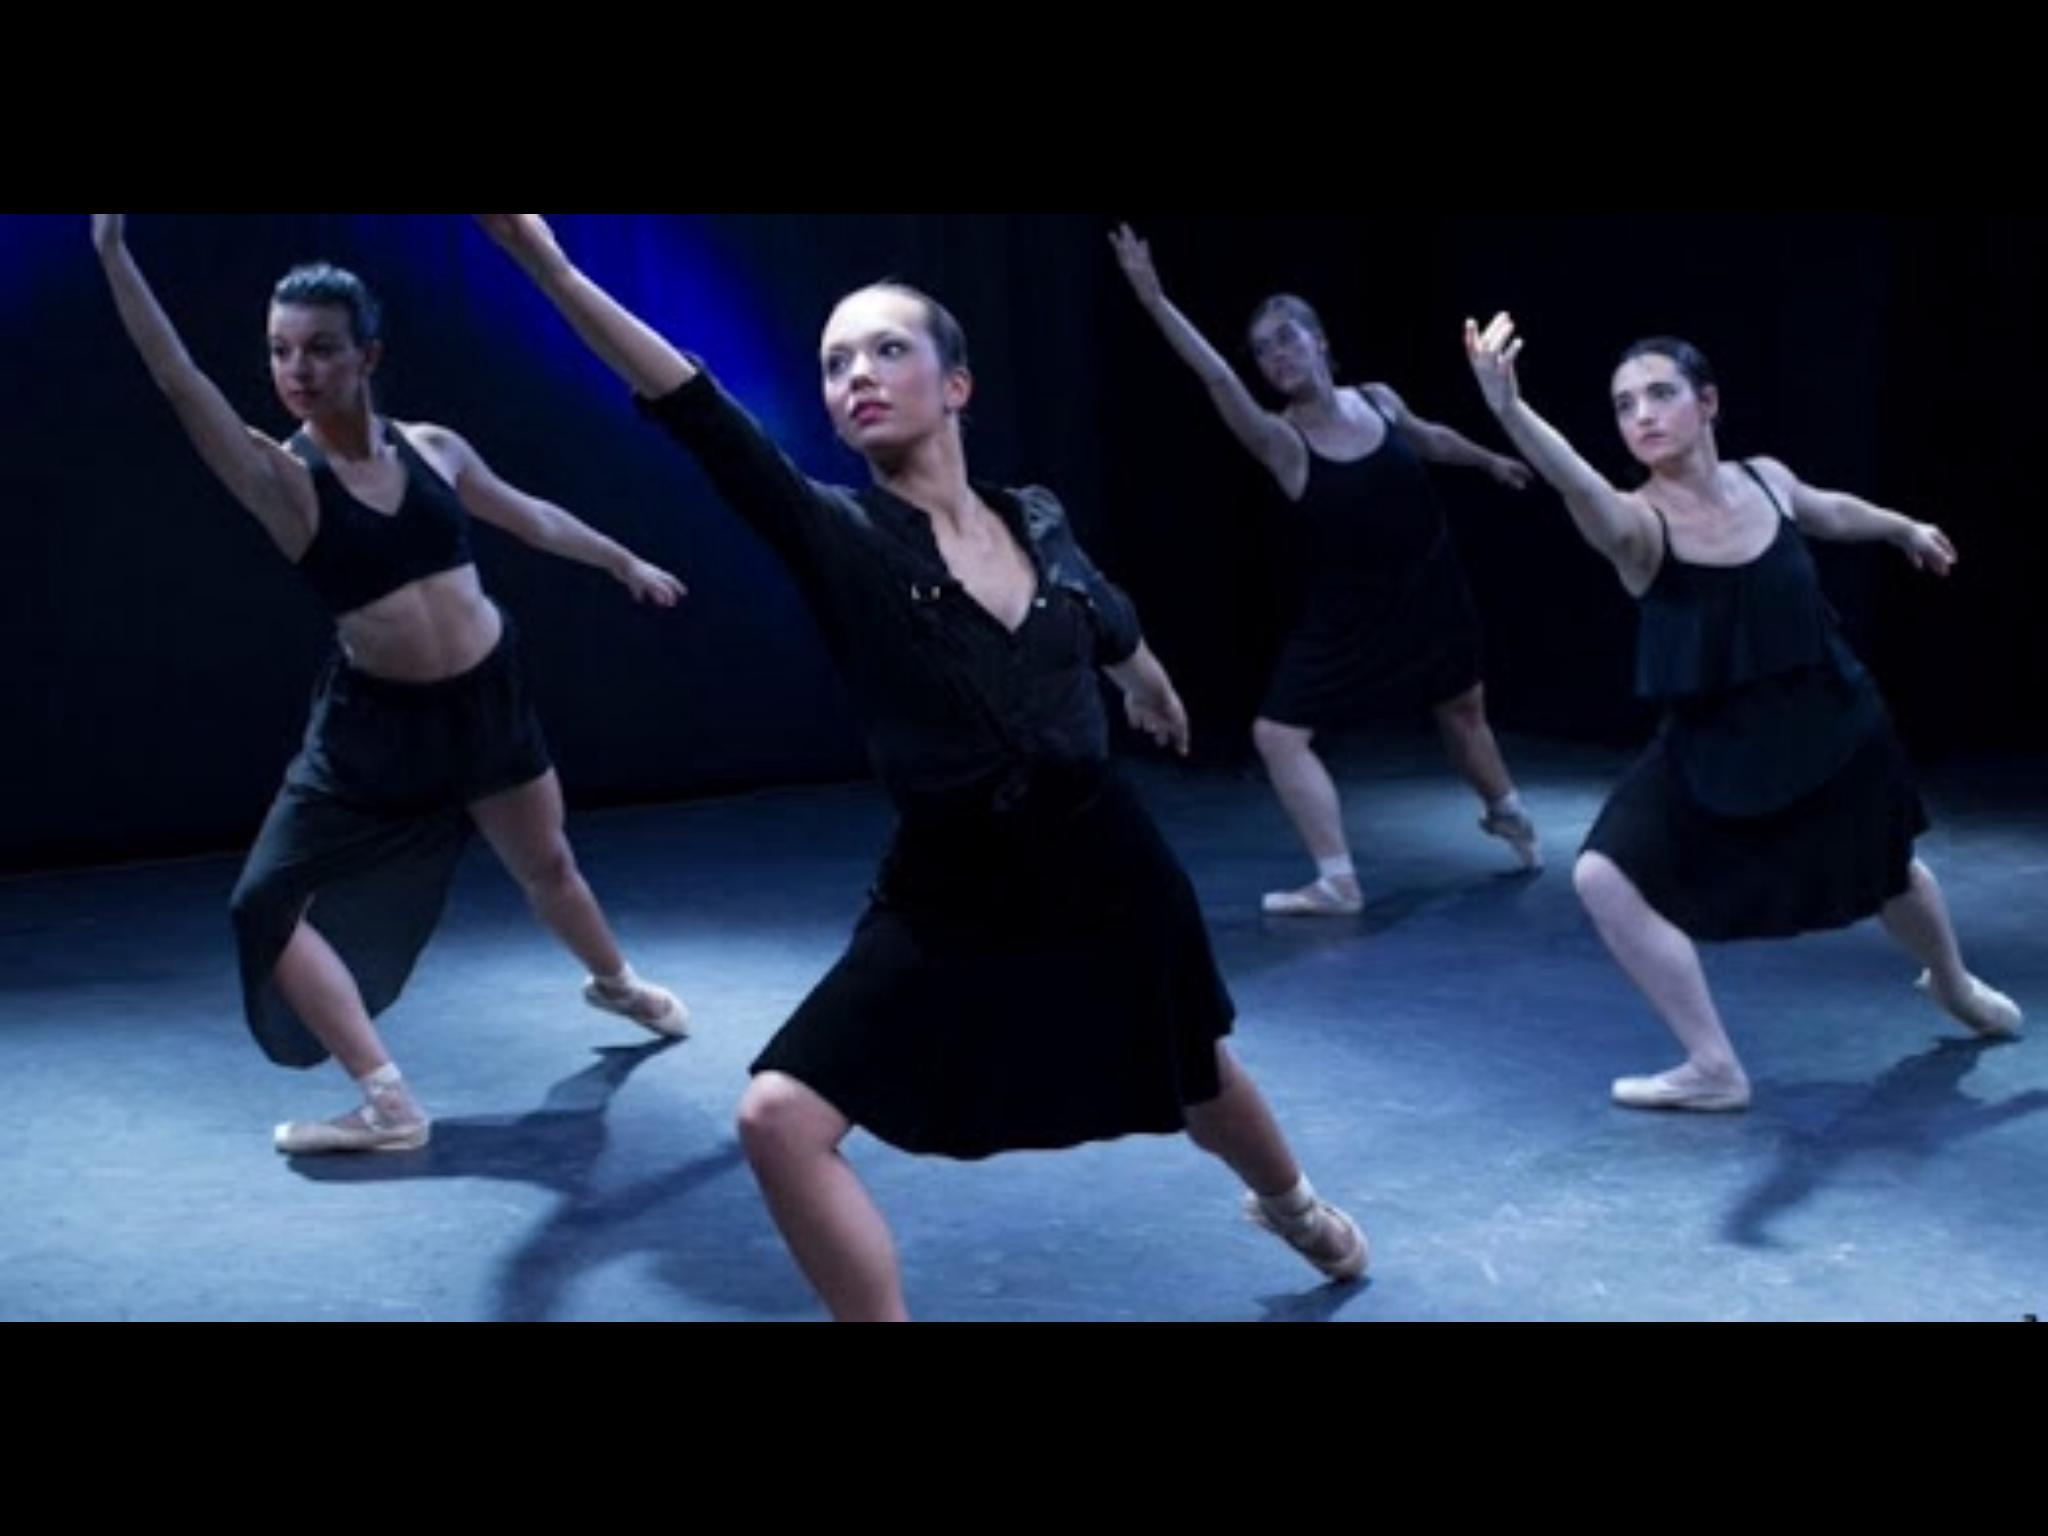 Lista, Licenciatura en Danza Neoclásica de UAEM